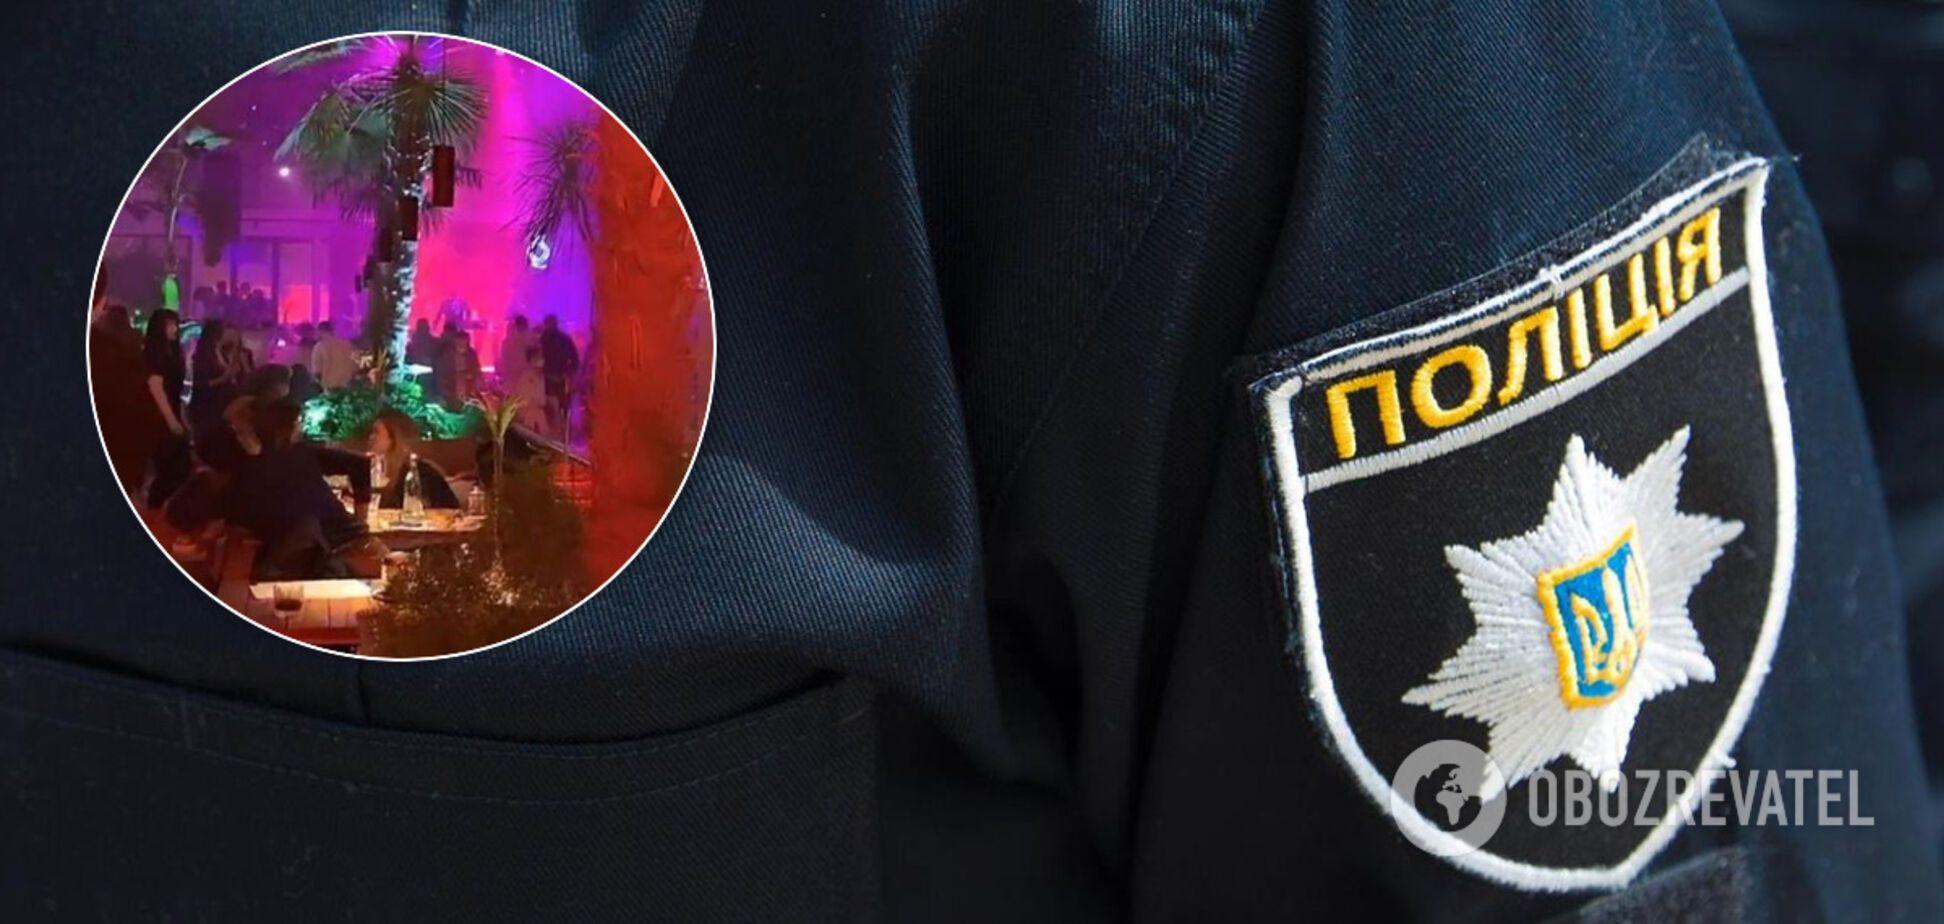 Кличко пригрозив поліцією відкритим під час карантину клубам Києва. Ілюстрація